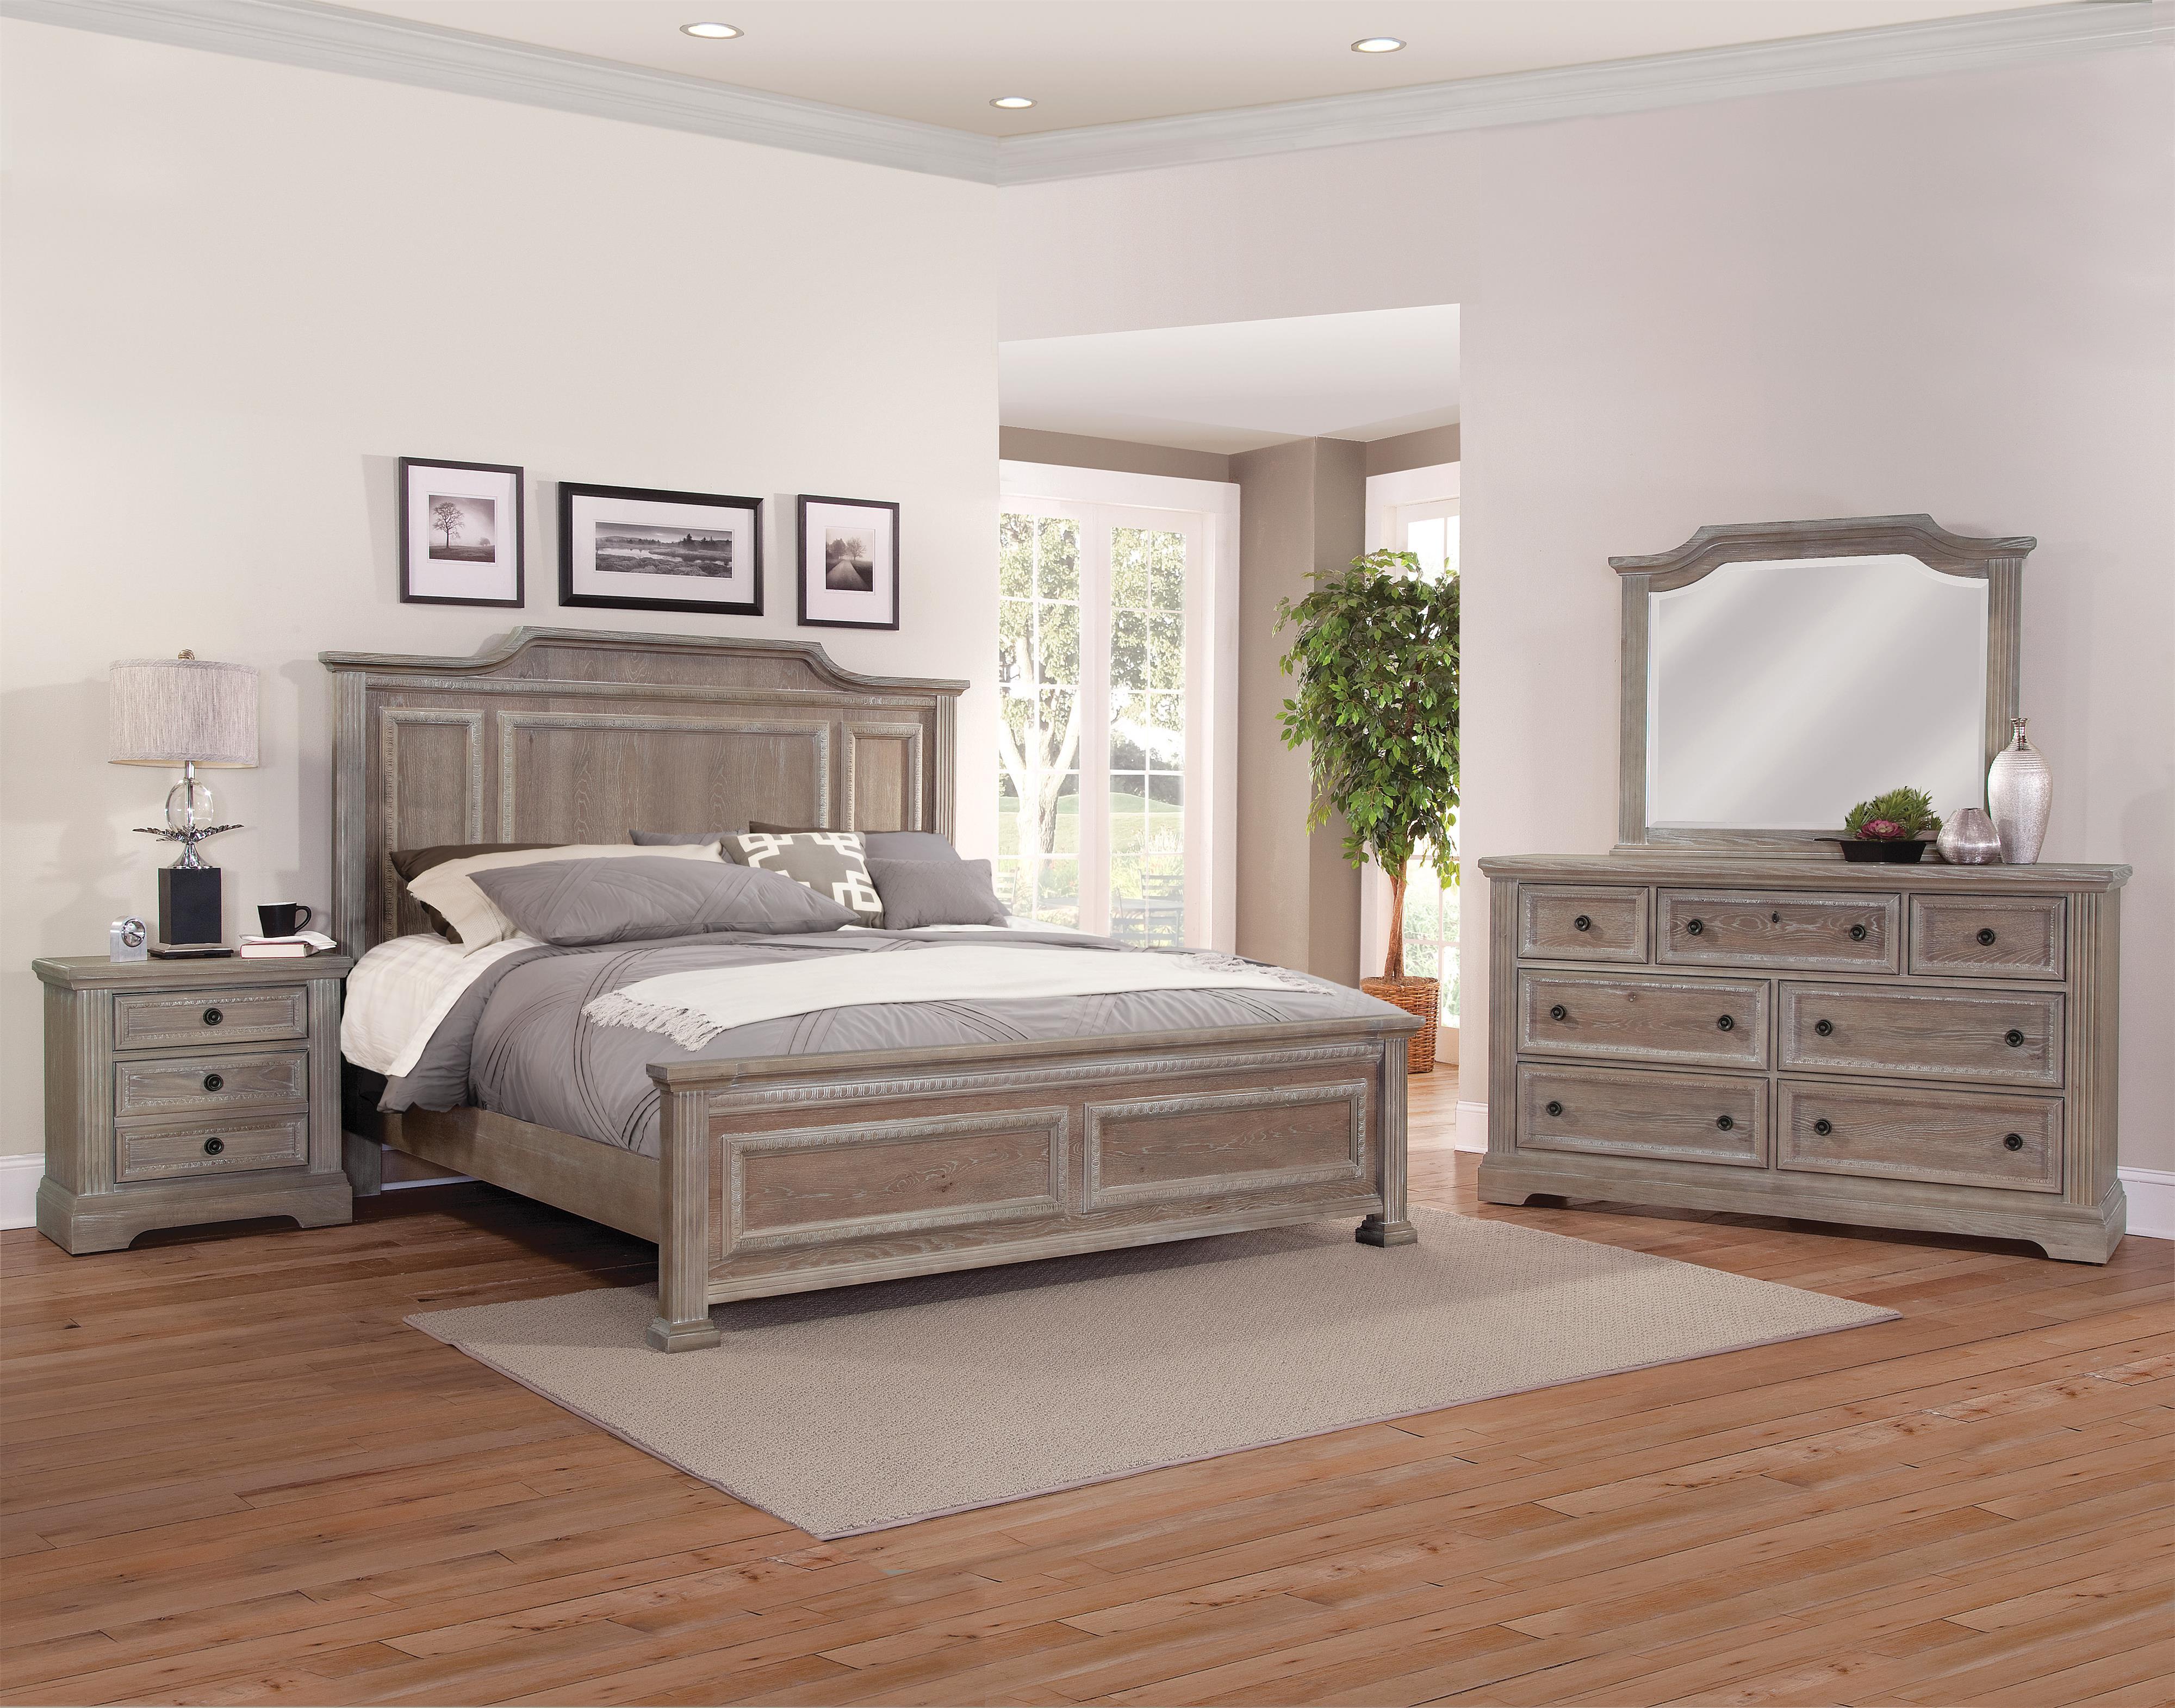 Vaughan Bassett Affinity Queen Bedroom Group - Item Number: 564 Q Bedroom Group 1